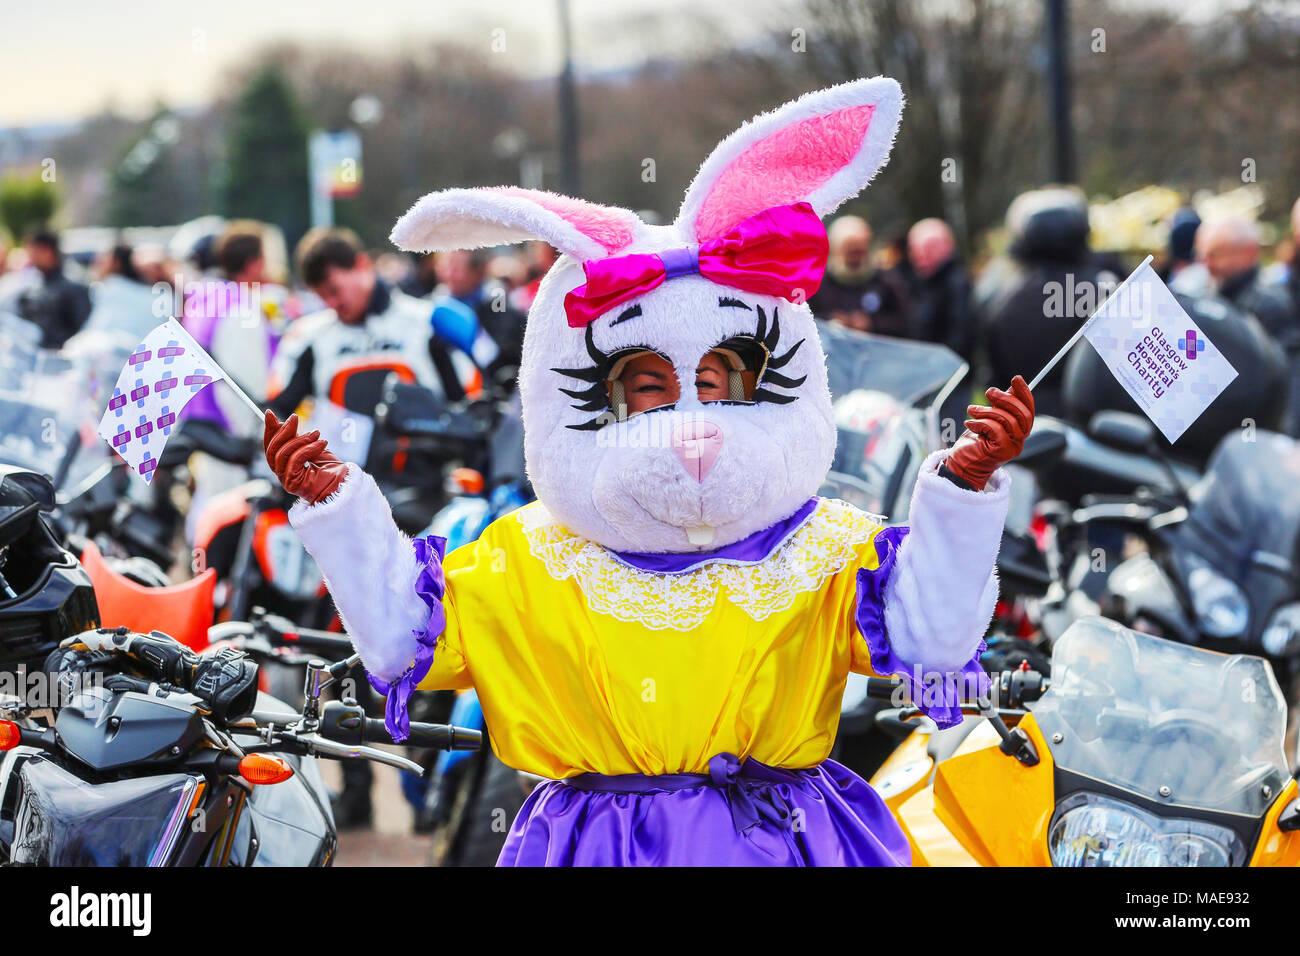 Più di moto molti in costumi di fantasia come conigli